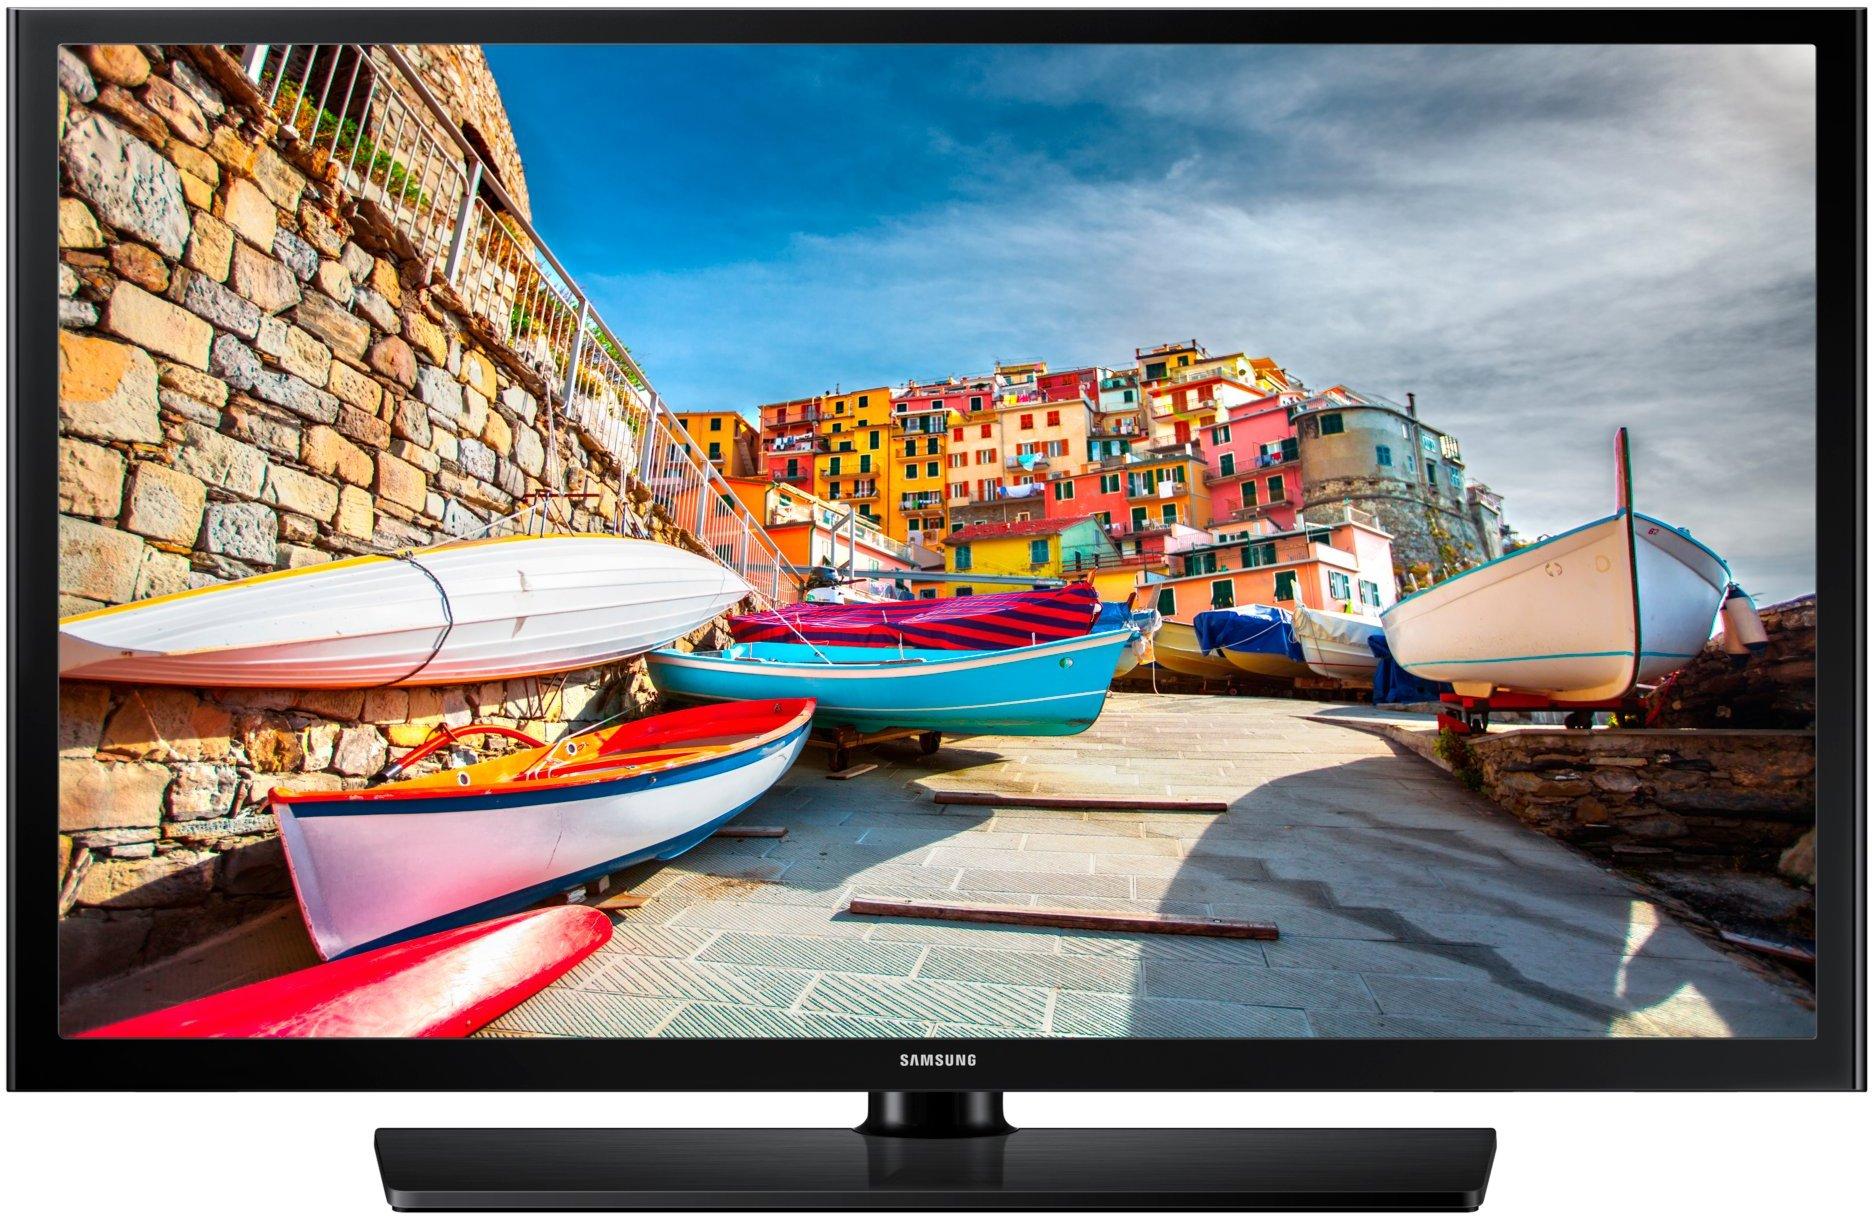 Samsung HG40EE590 - Monitor LCD (40 Pulgadas, 1080 píxeles, sintonizador TNT, 50 Hz): Amazon.es: Electrónica